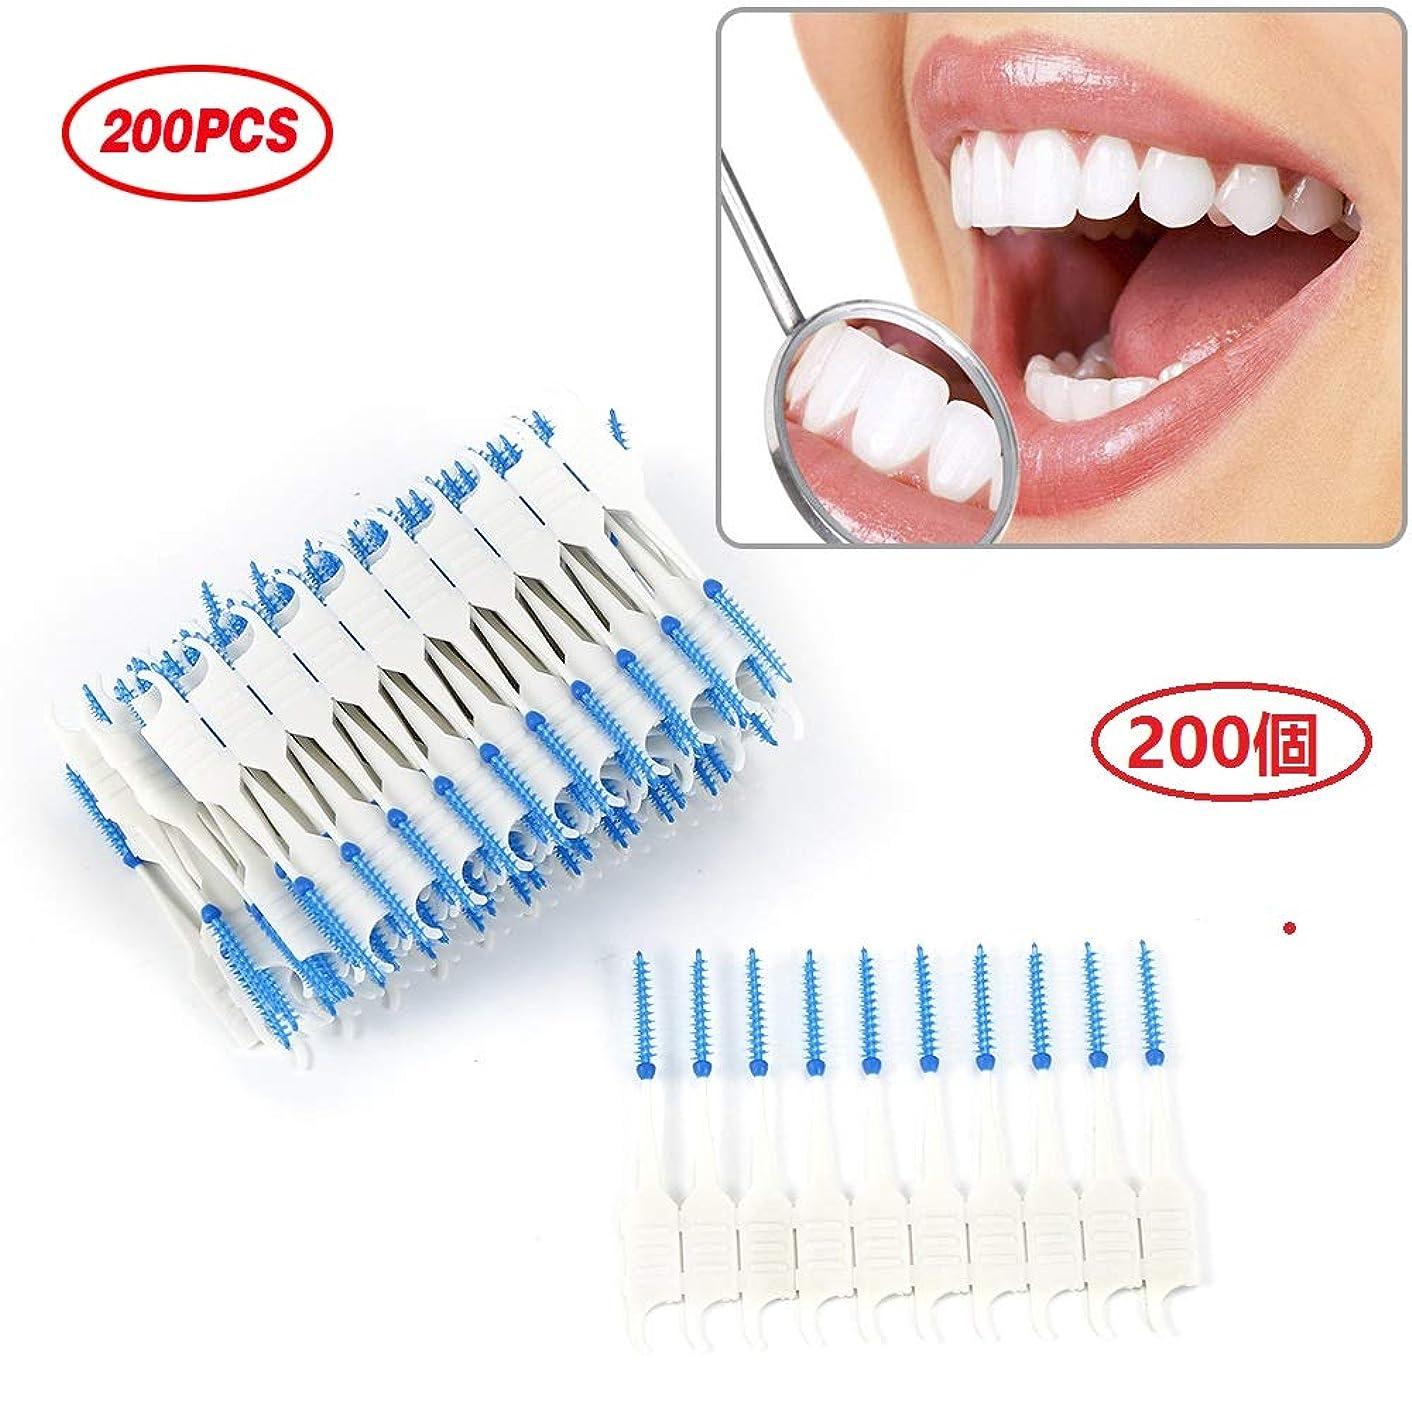 200ピース歯のクリーニングオーラルケア歯フロス口腔衛生デンタルフロスソフト歯間二重つまようじ健康ツール 200 Pcs Teeth Cleaning Oral Care Tooth Floss Hygiene Dental Floss Soft Interdental Dual Toothpick